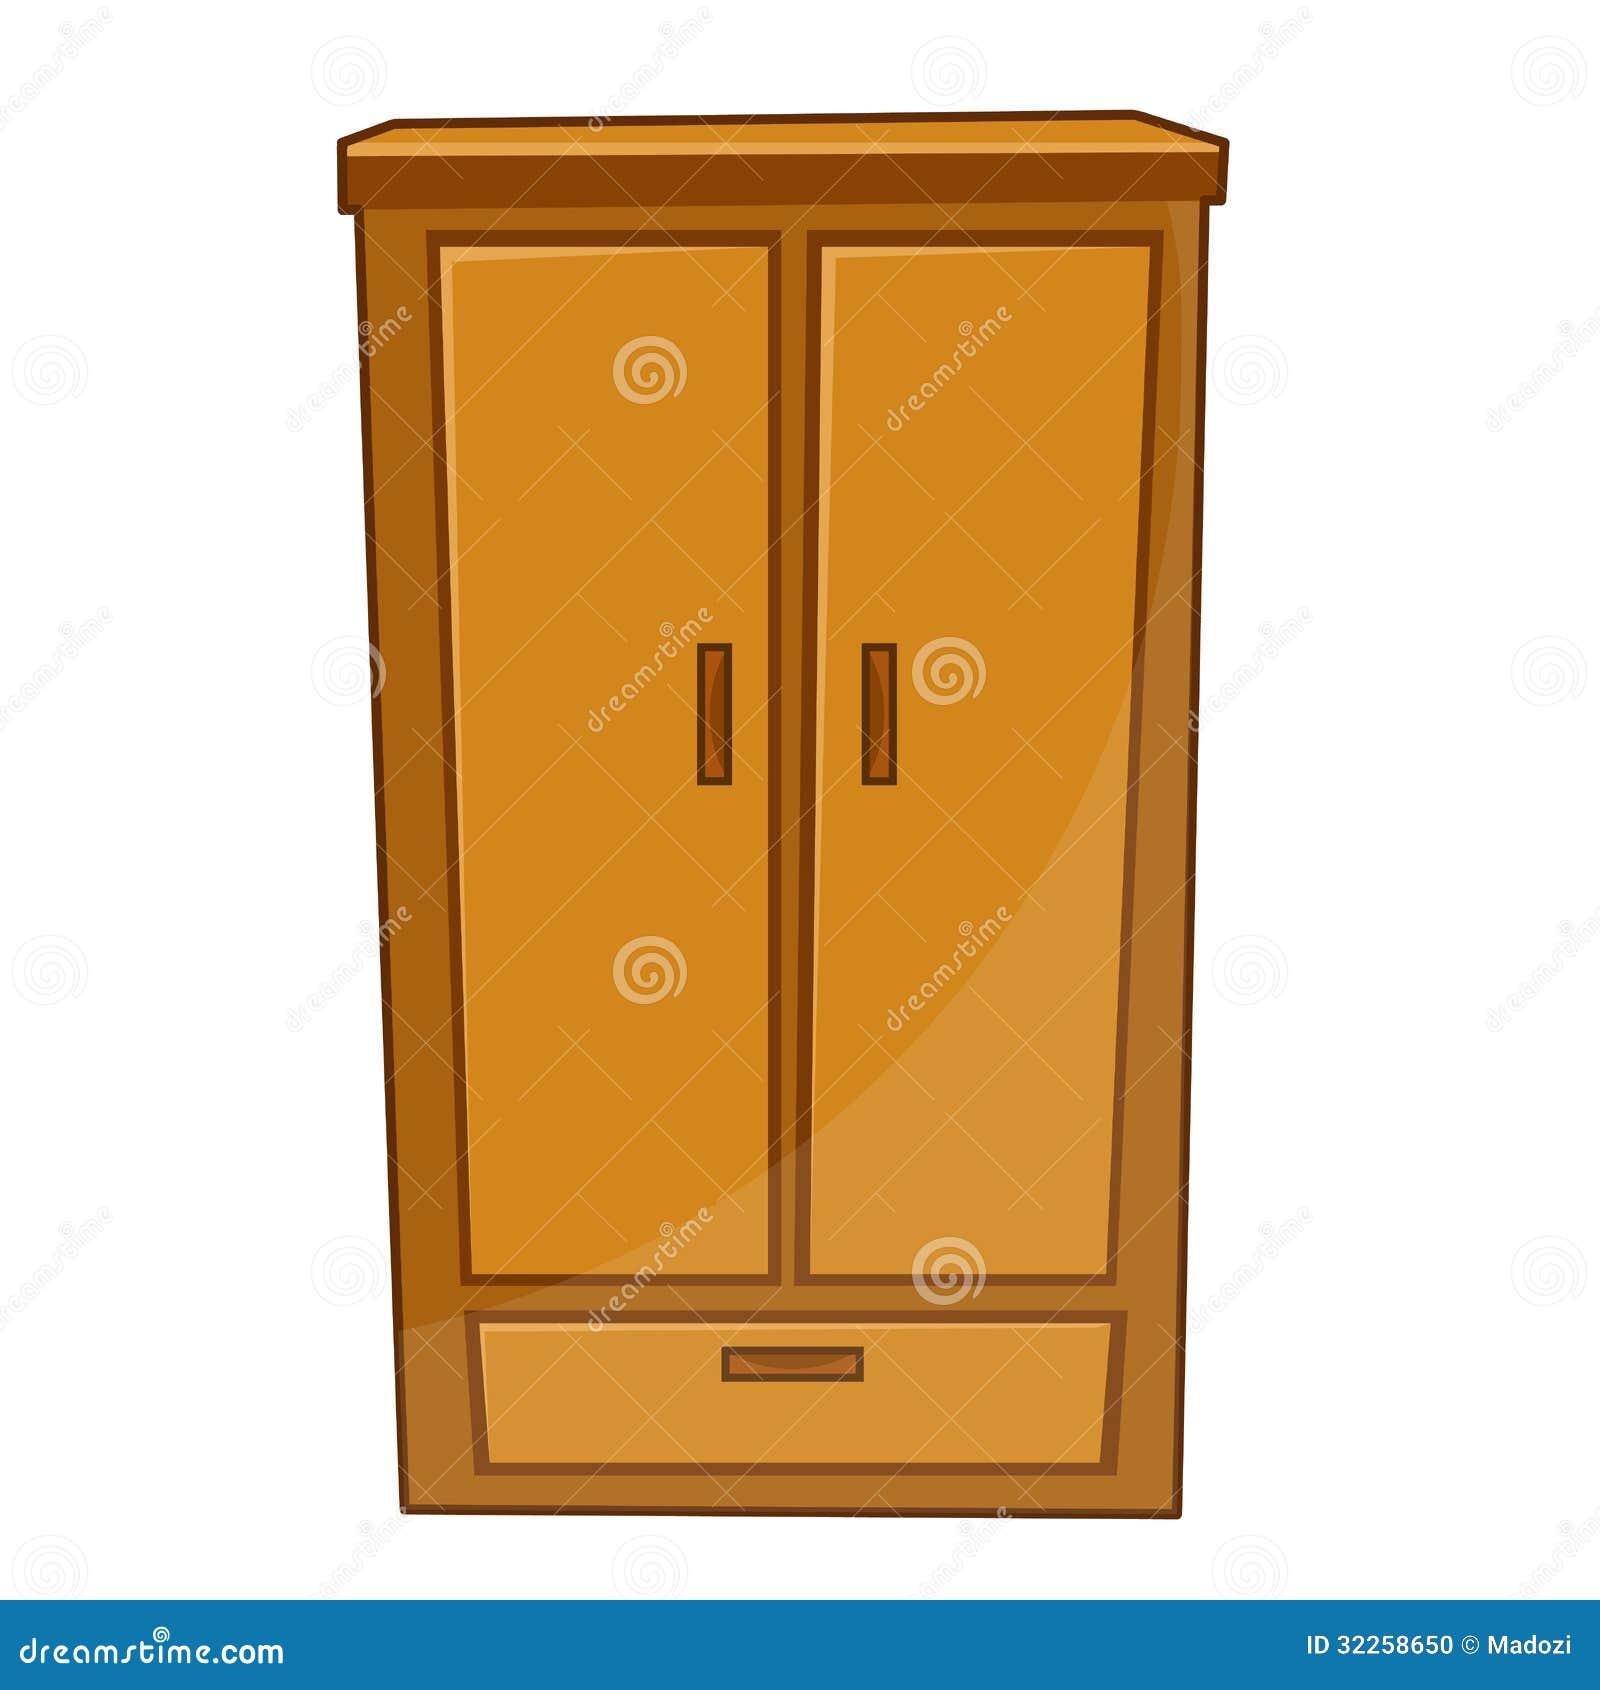 Wardrobe Isolated Illustration Stock Photo Image 32258650